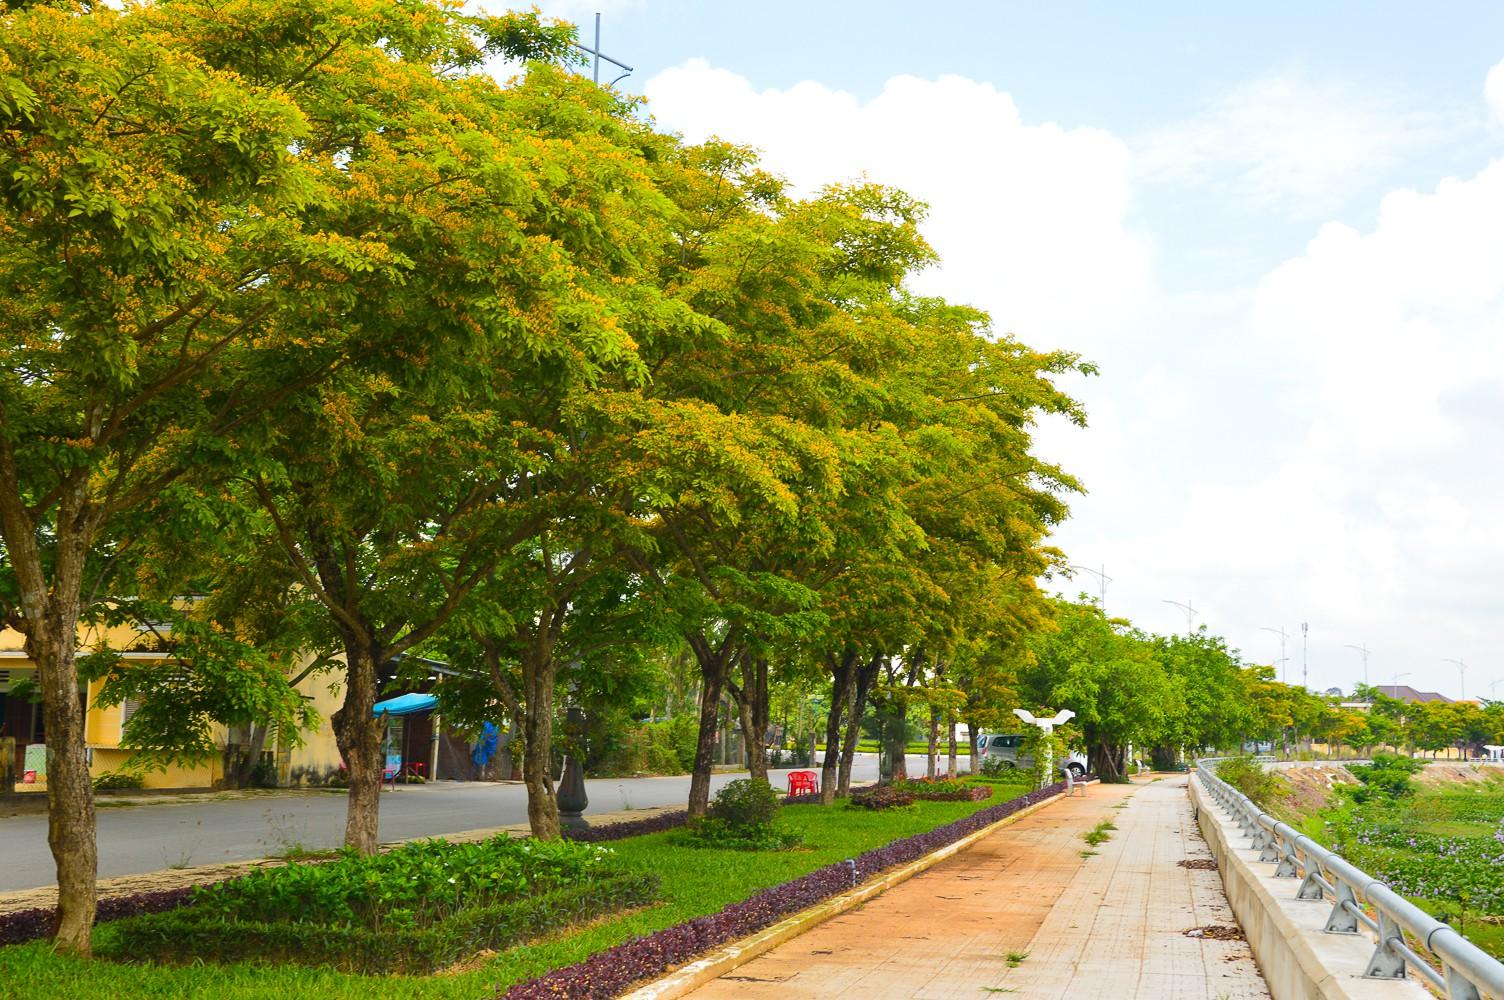 Mùa hoa sưa vàng trời Quảng Nam khiến bao người thổn thức - Ảnh 9.